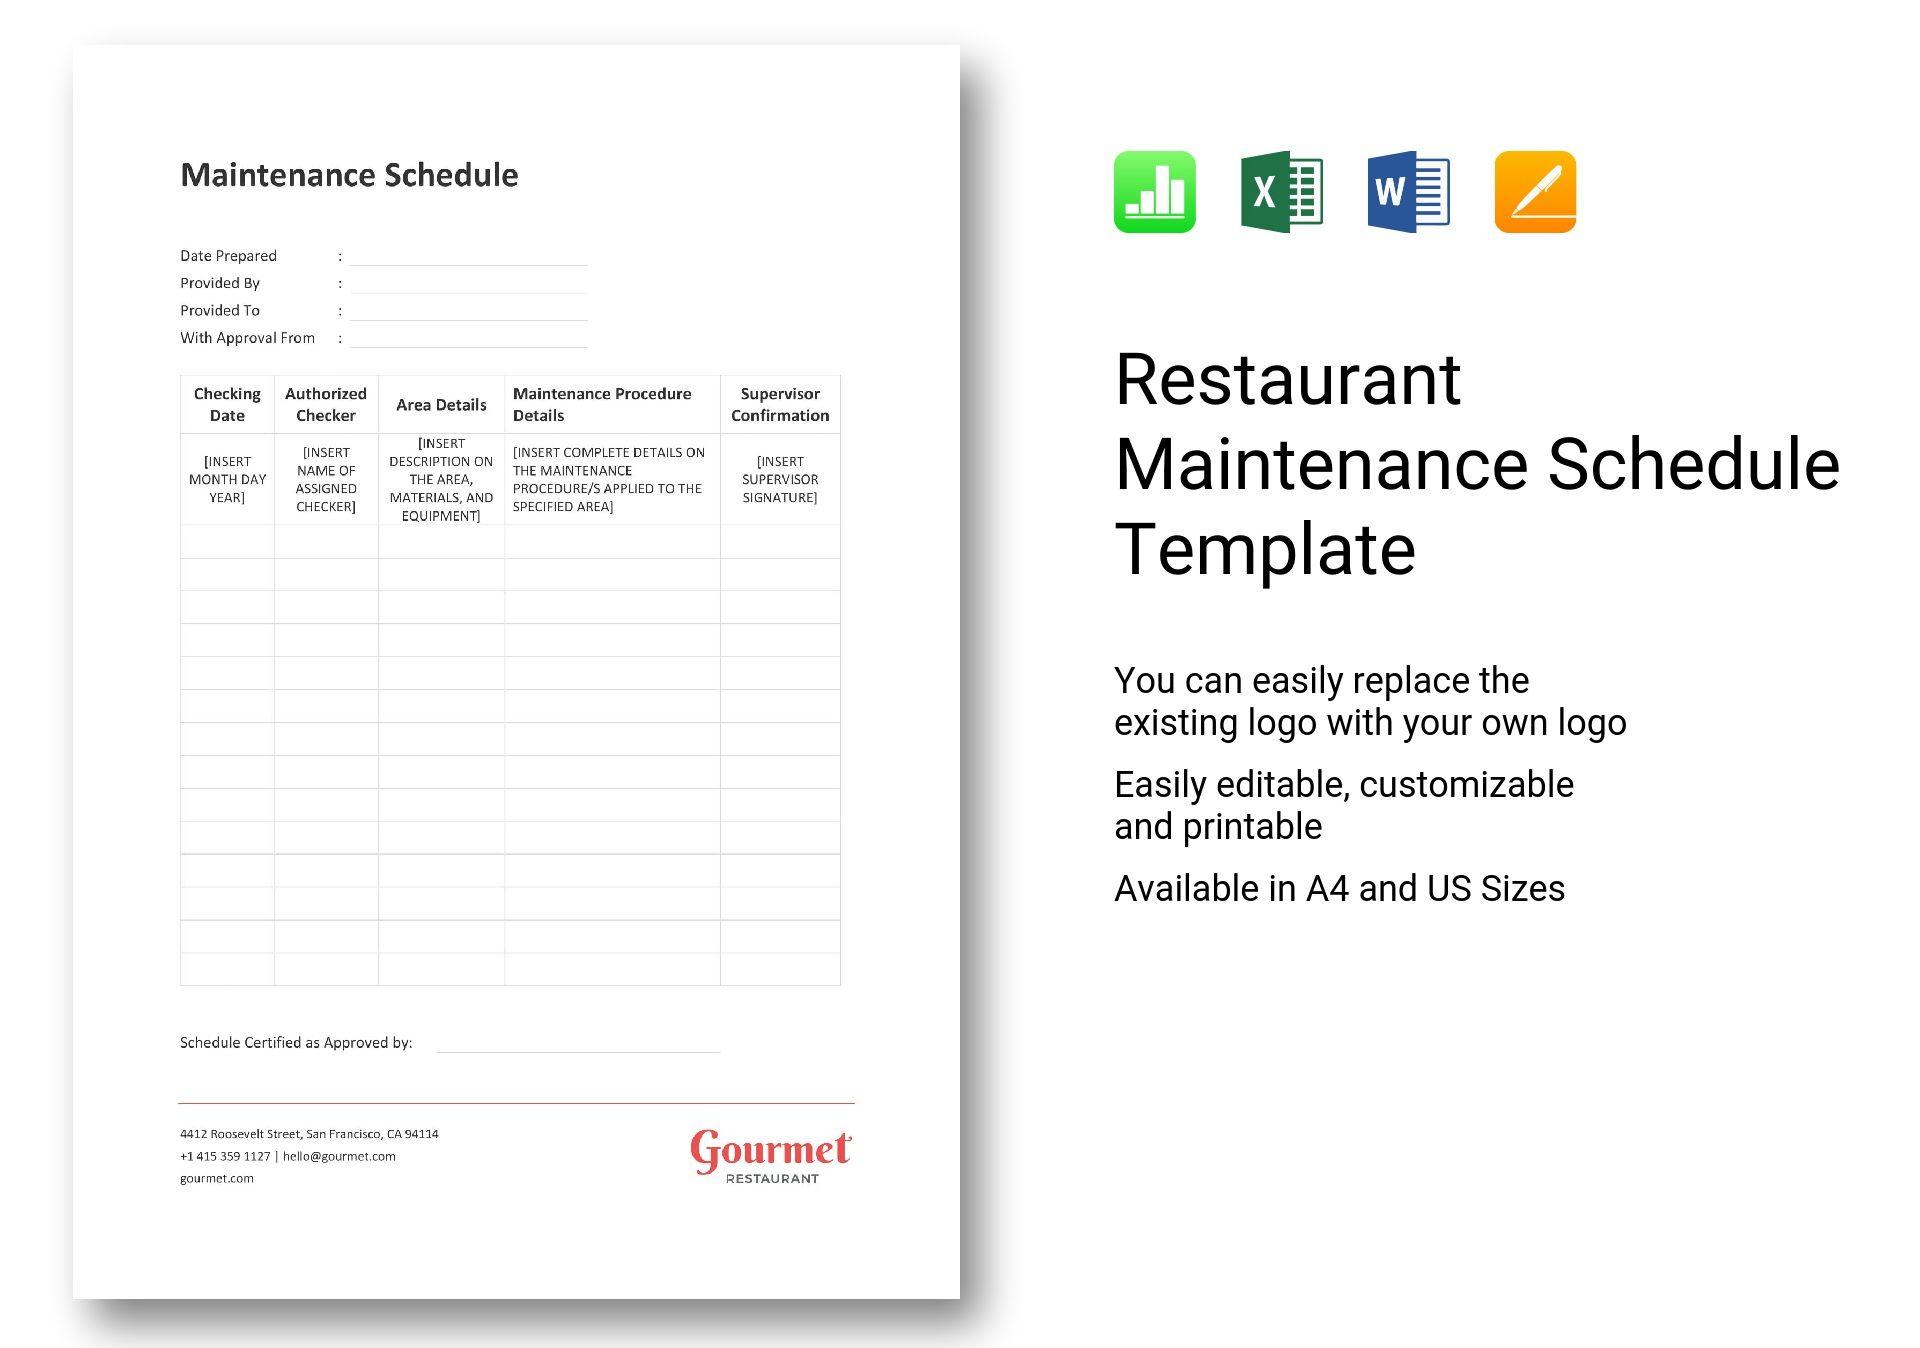 Restaurant Maintenance Schedule